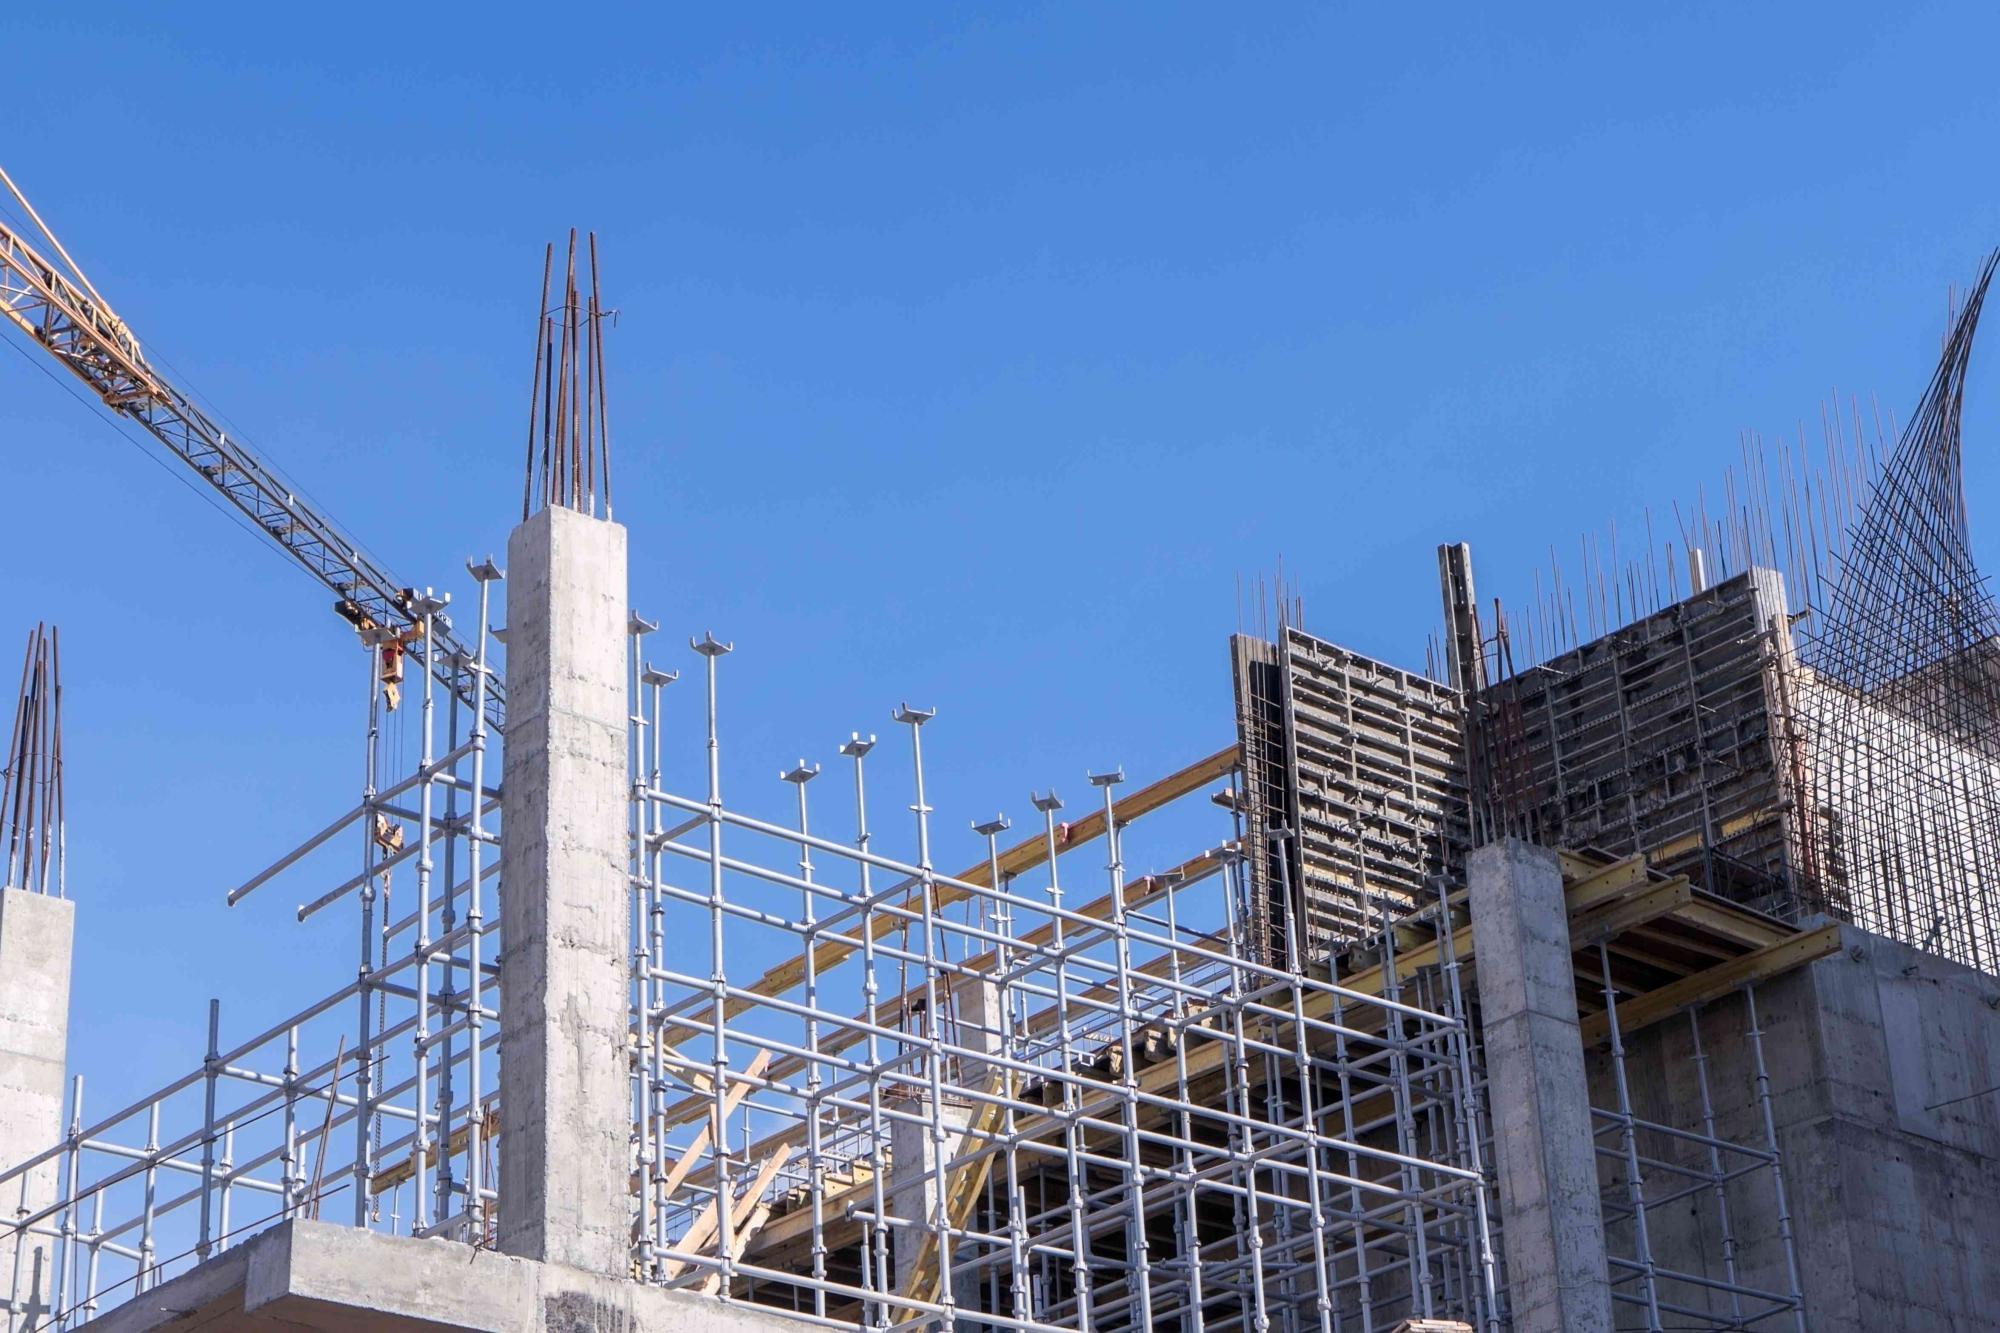 estrutura em obra representando trabalho do engenheiro estrutural